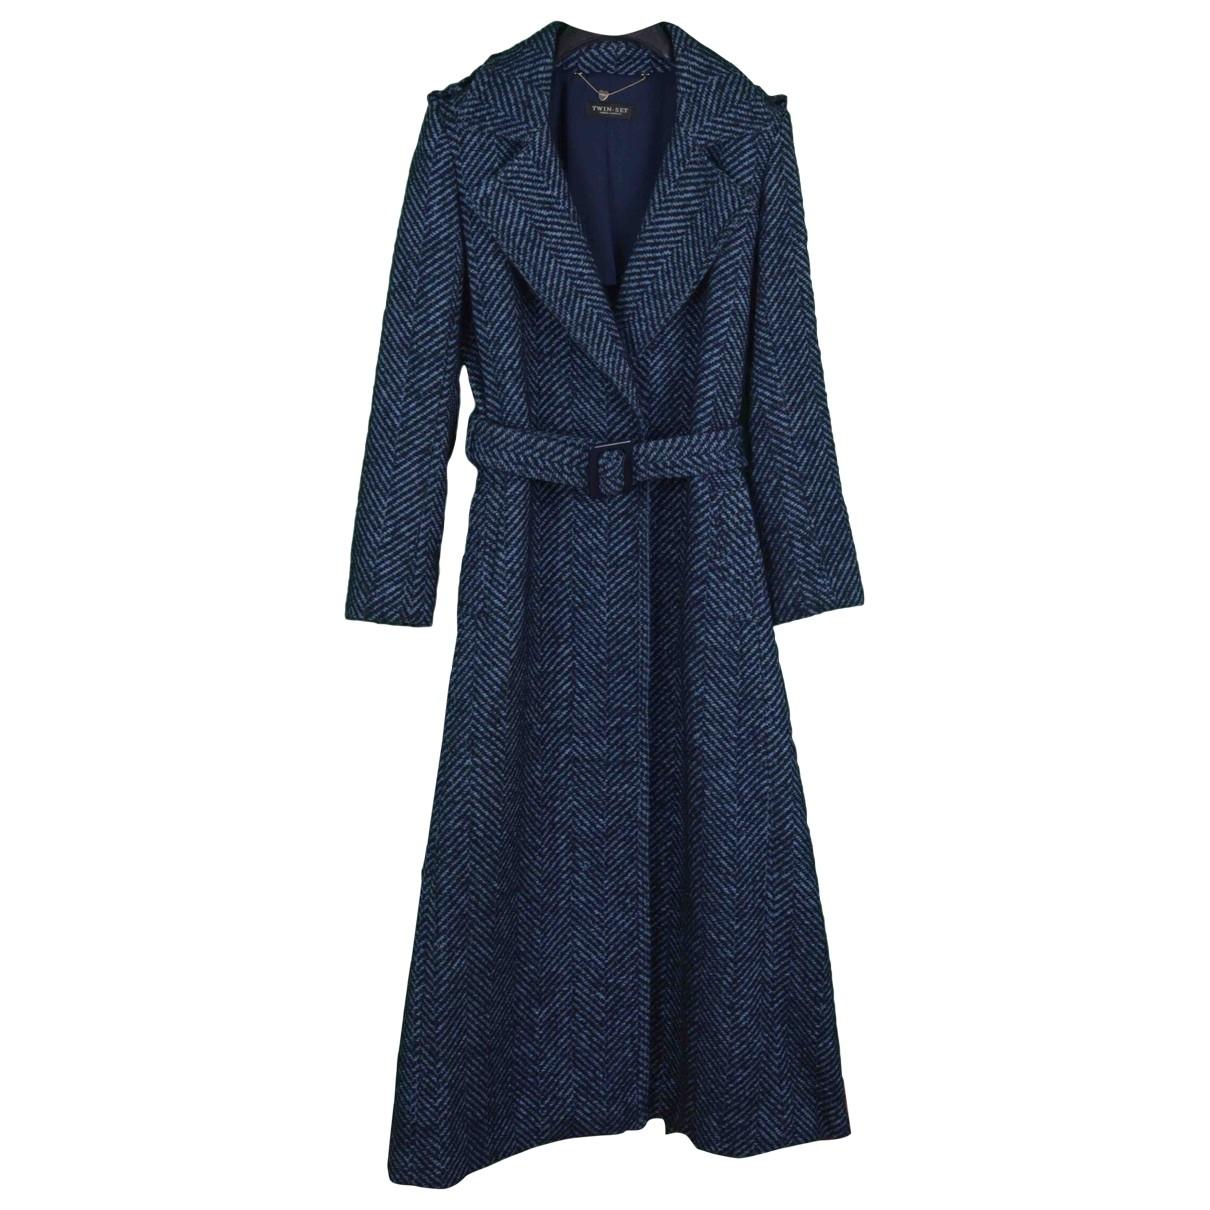 Twin Set \N Blue coat for Women S International